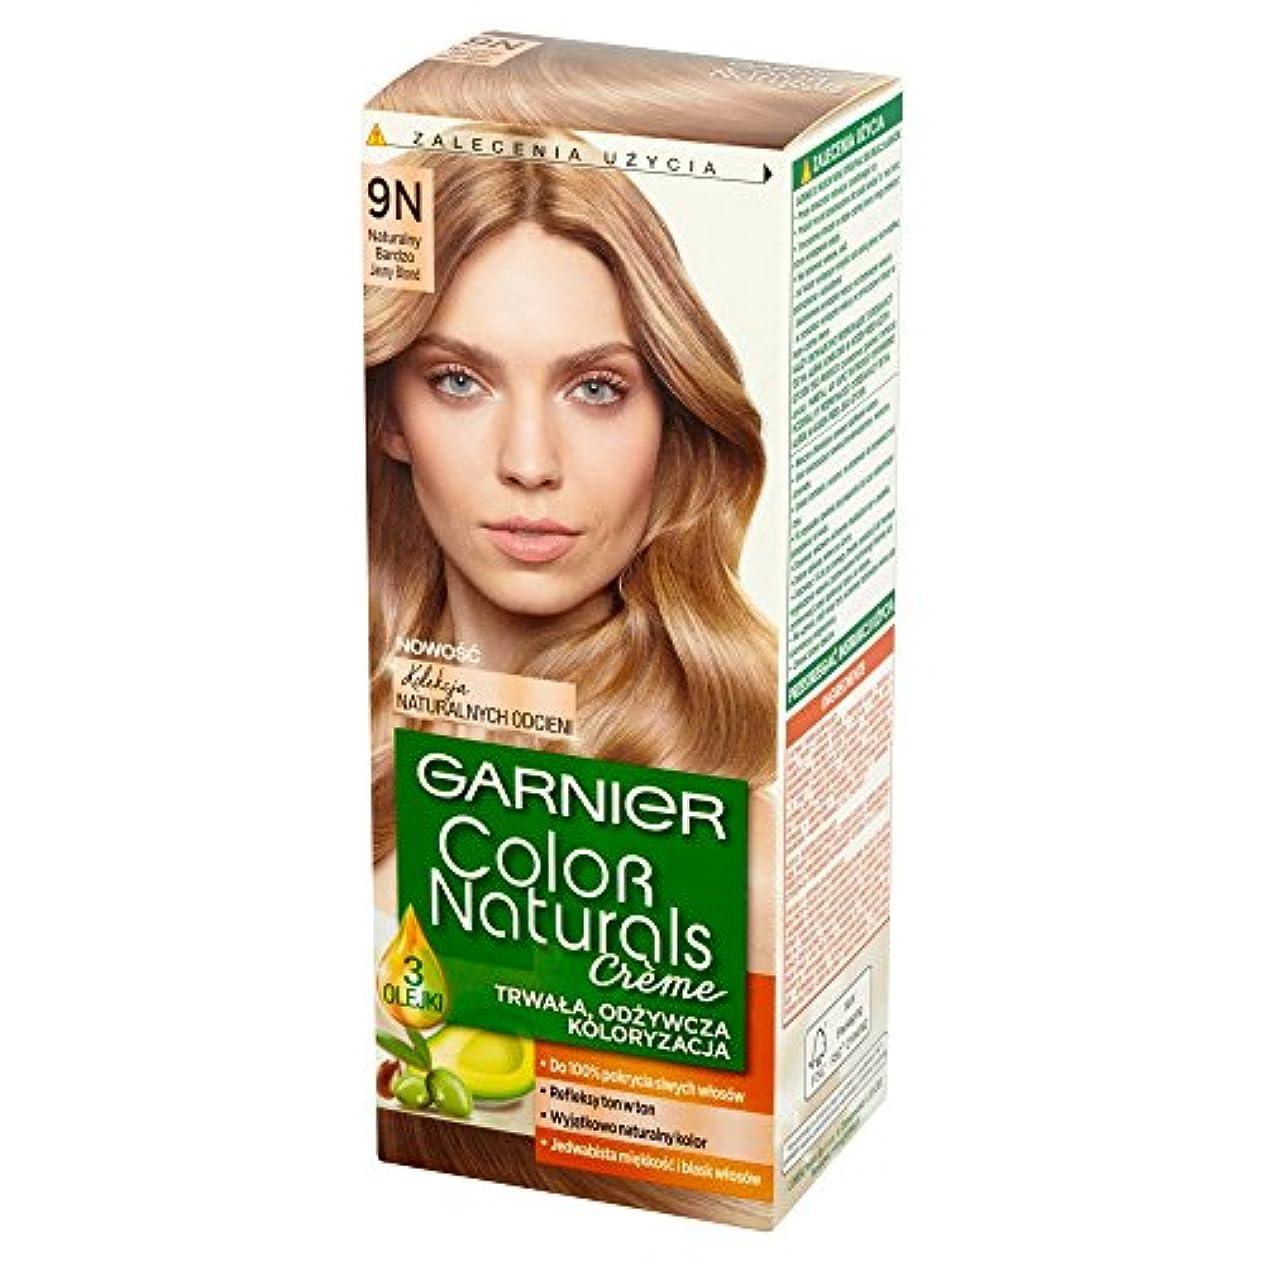 心臓関連するラップロレアル Garnier Color Naturals Creme 9N • Natural Light Blonde ブロンドヘアカラークリーム